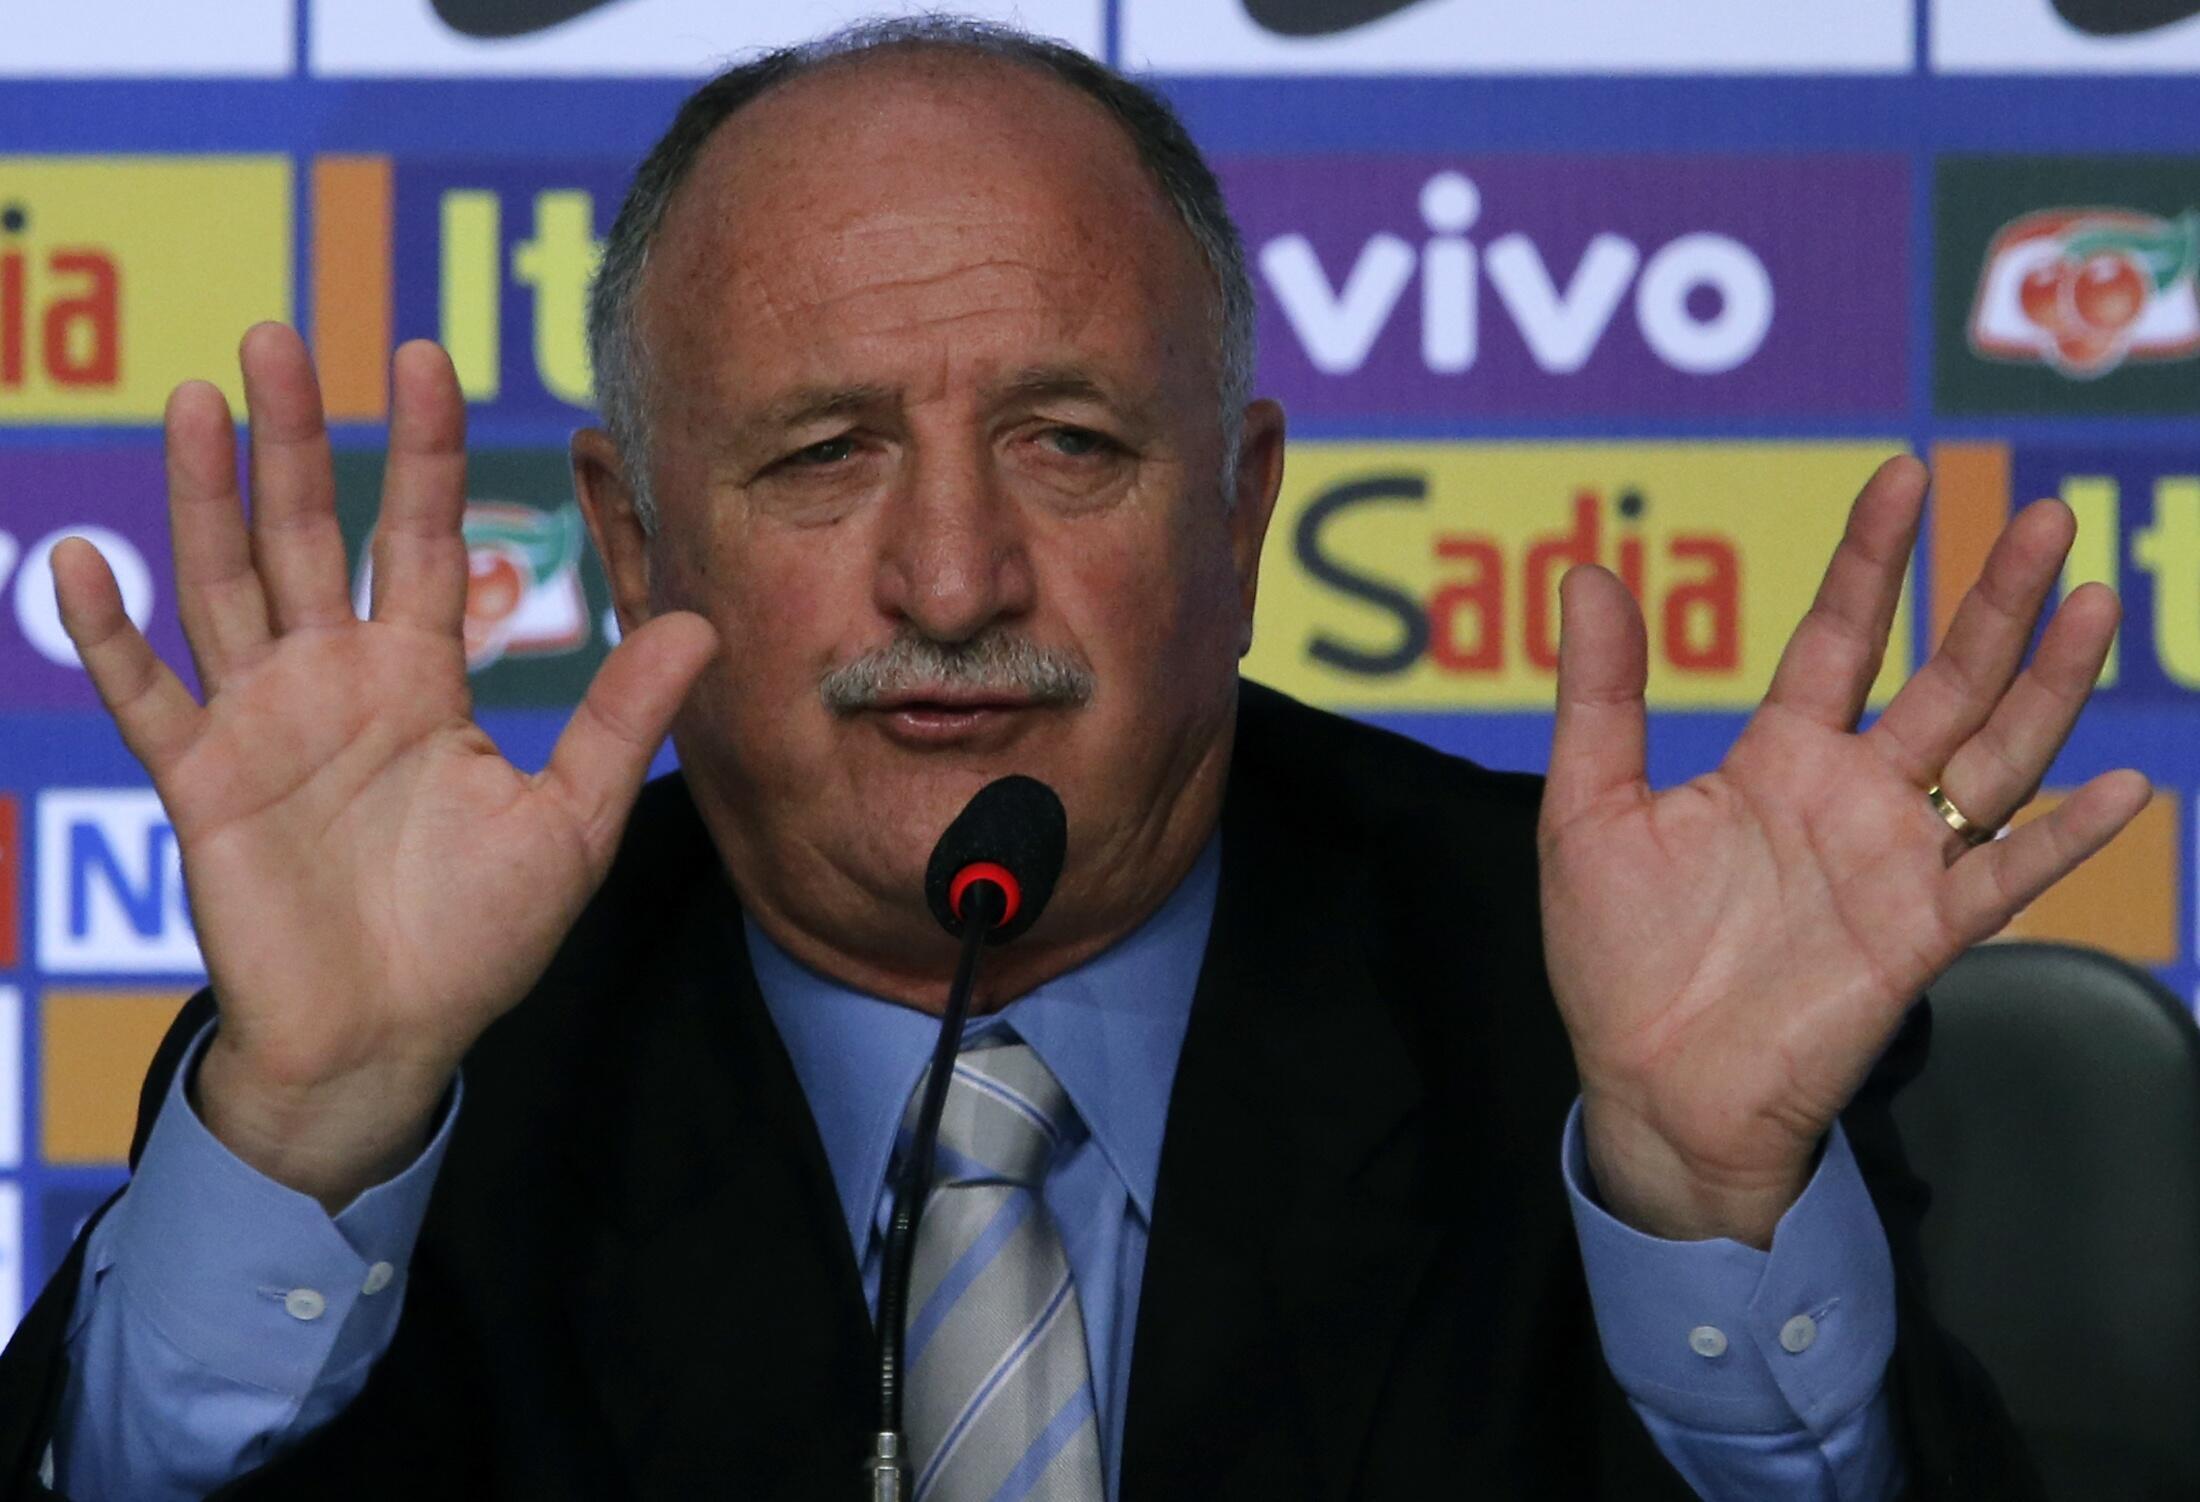 Justiça portuguesa investiga denúncias de evasão fiscal e lavagem de dinheiro envolvendo Luiz Felipe Scolari, quando era treinador de Portugal..